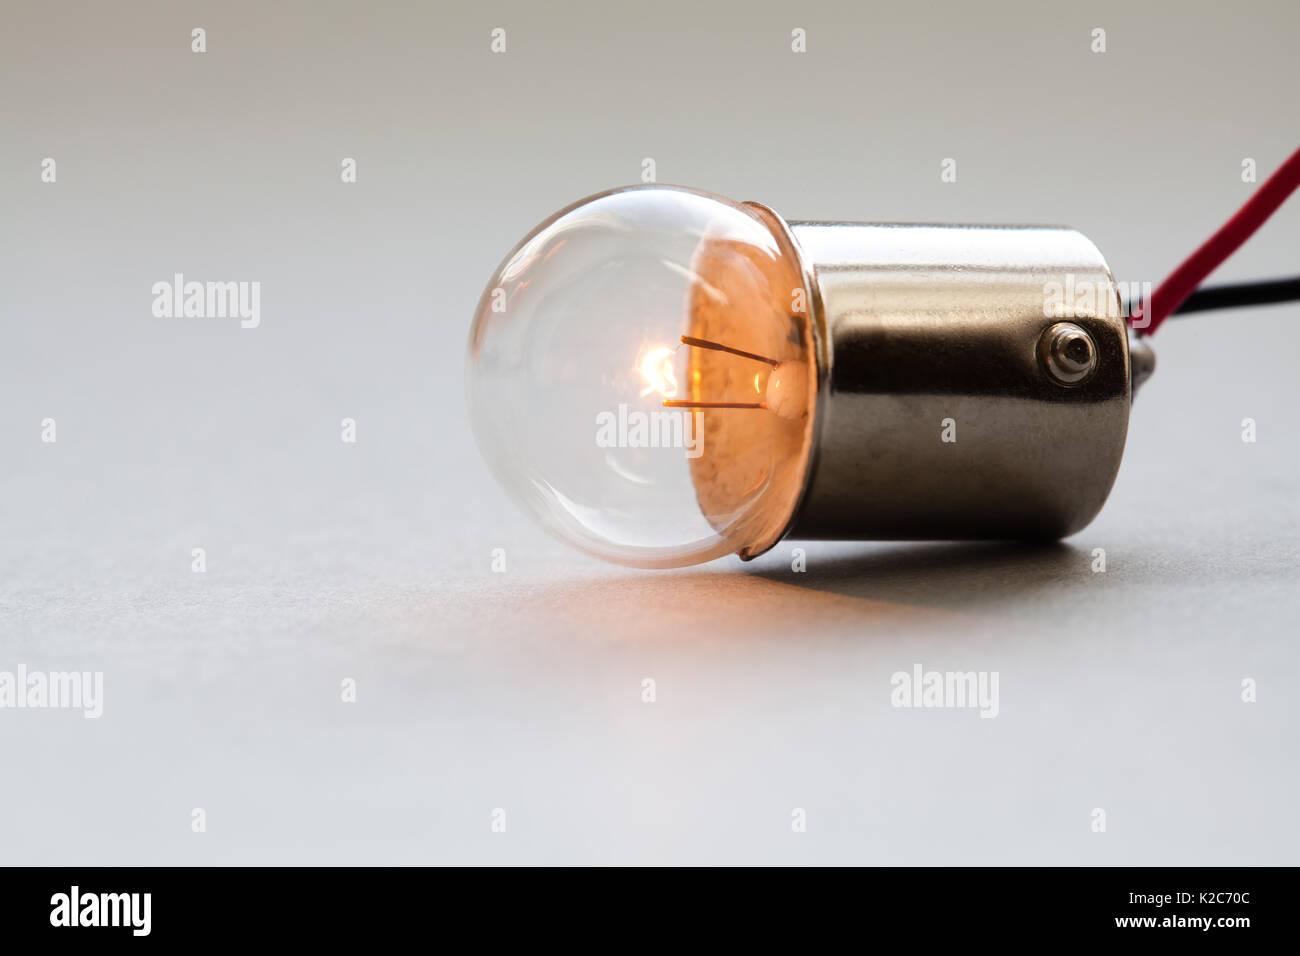 Lampadina elettrica con il filo elettrico posa su uno sfondo grigio. Superficie sferica ideale. Incandescente lampadina a filamento di close-up. Soft focus, spazio di copia Immagini Stock